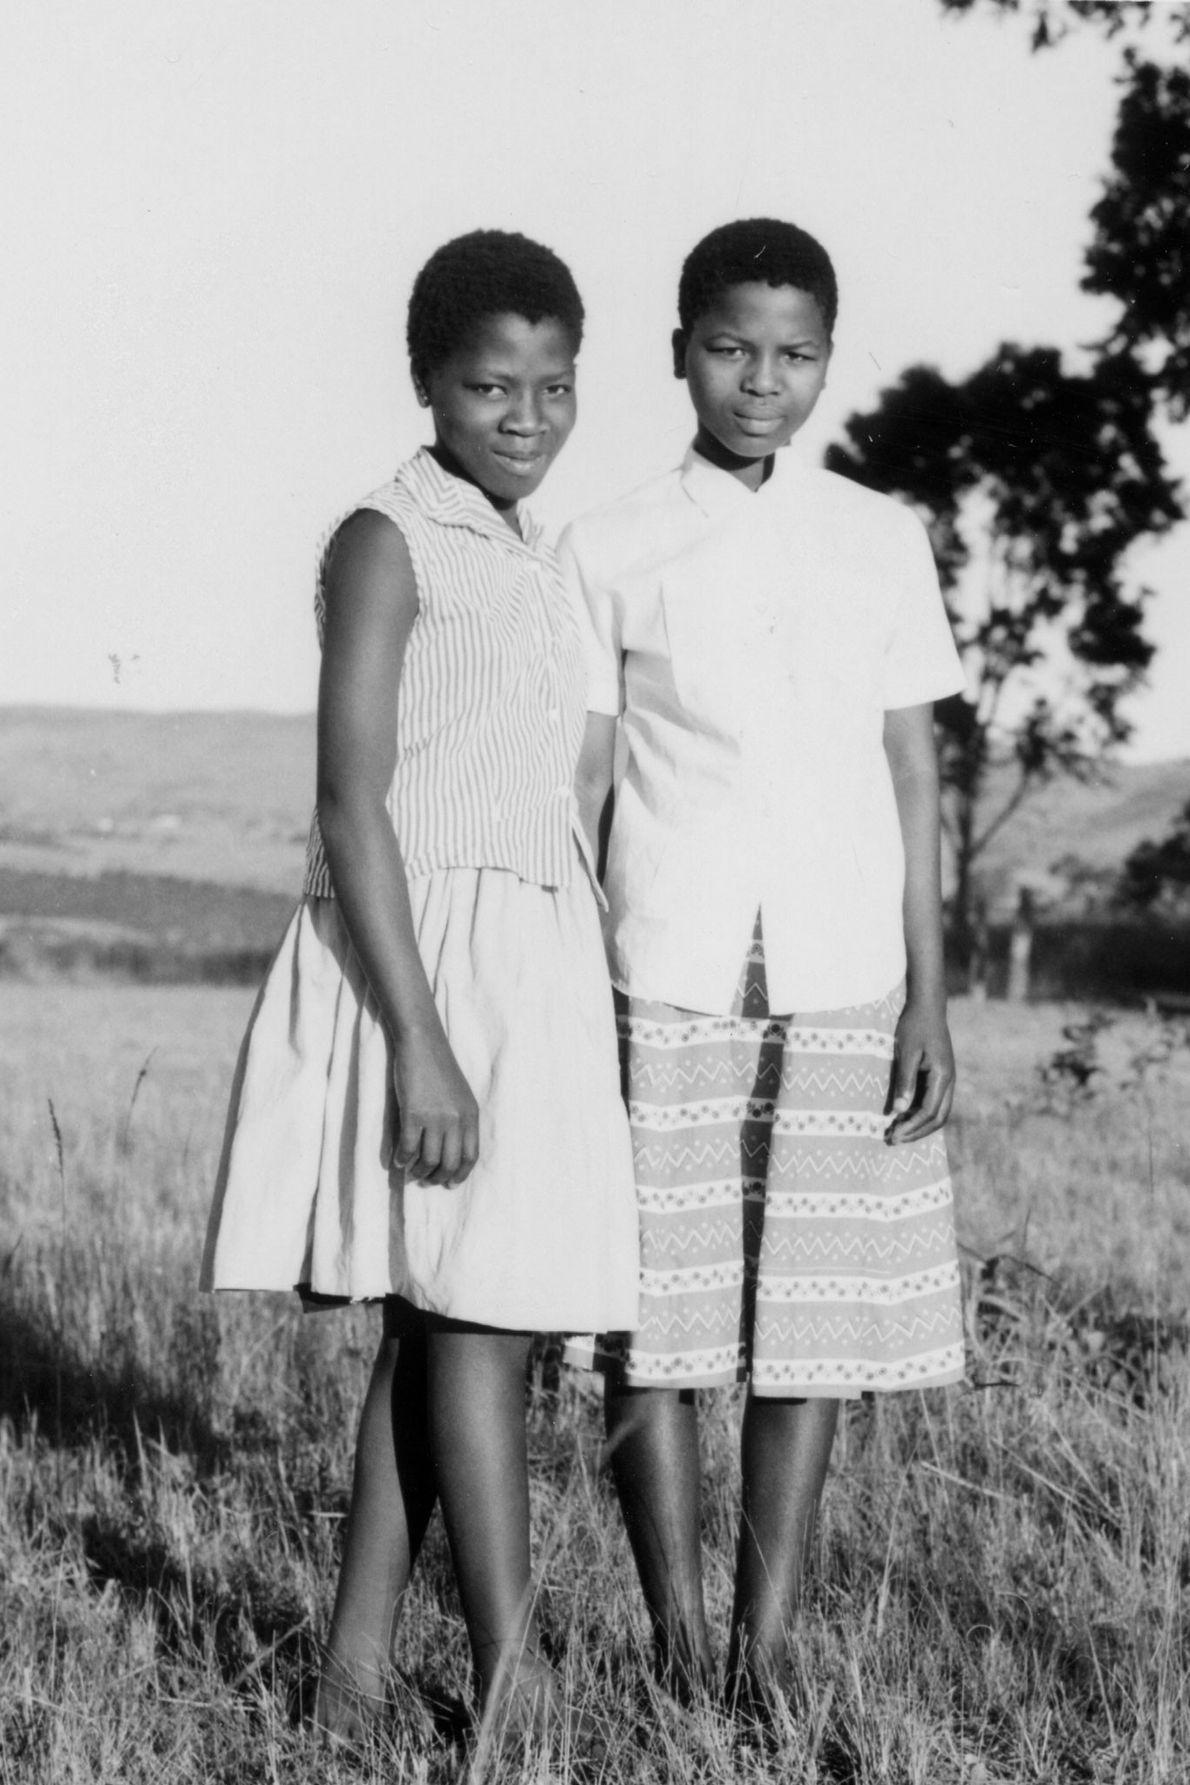 Nftombi Tfwala (rechts) und eine Tochter des Königs Sobhuza II. von Eswatini